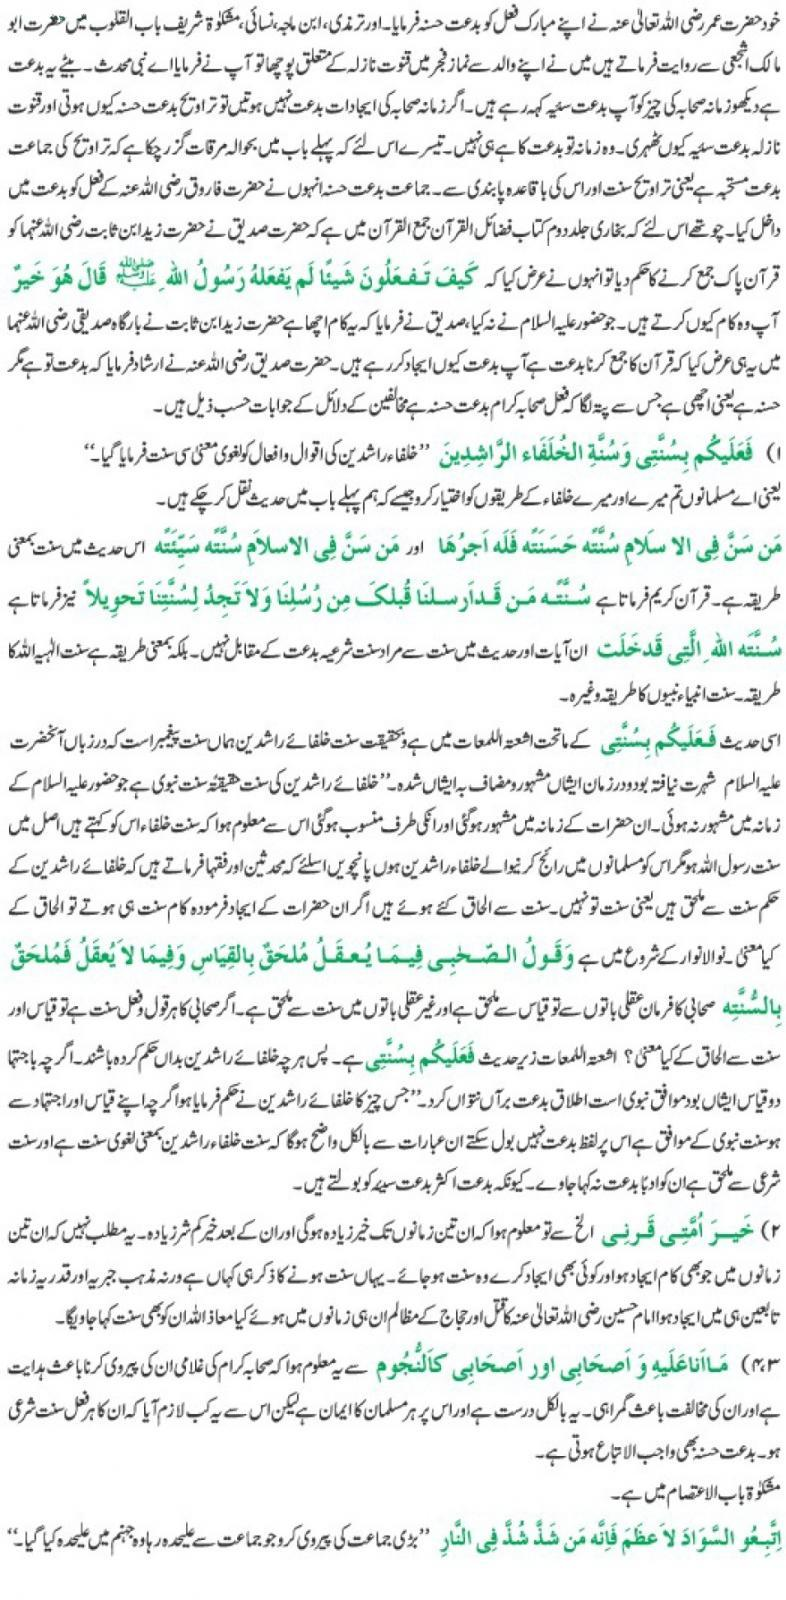 Ja Al'Haq P # 118.jpg